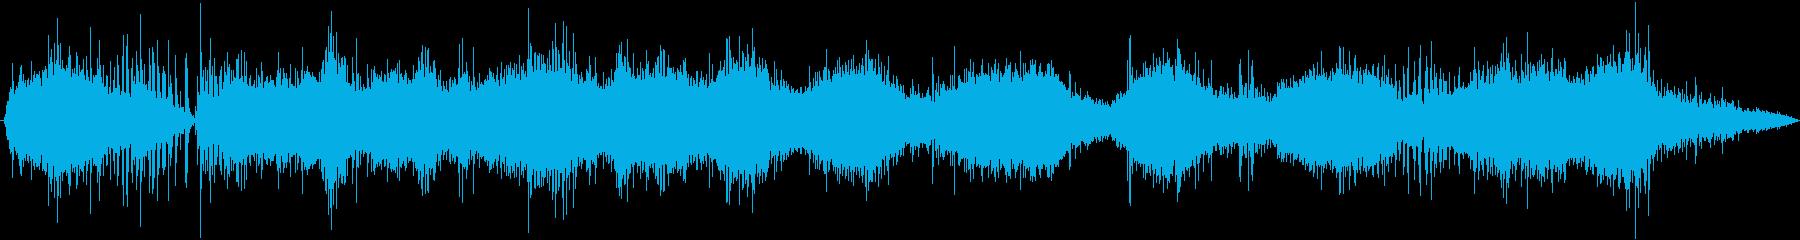 ハーフインチハンマードリル:コンク...の再生済みの波形